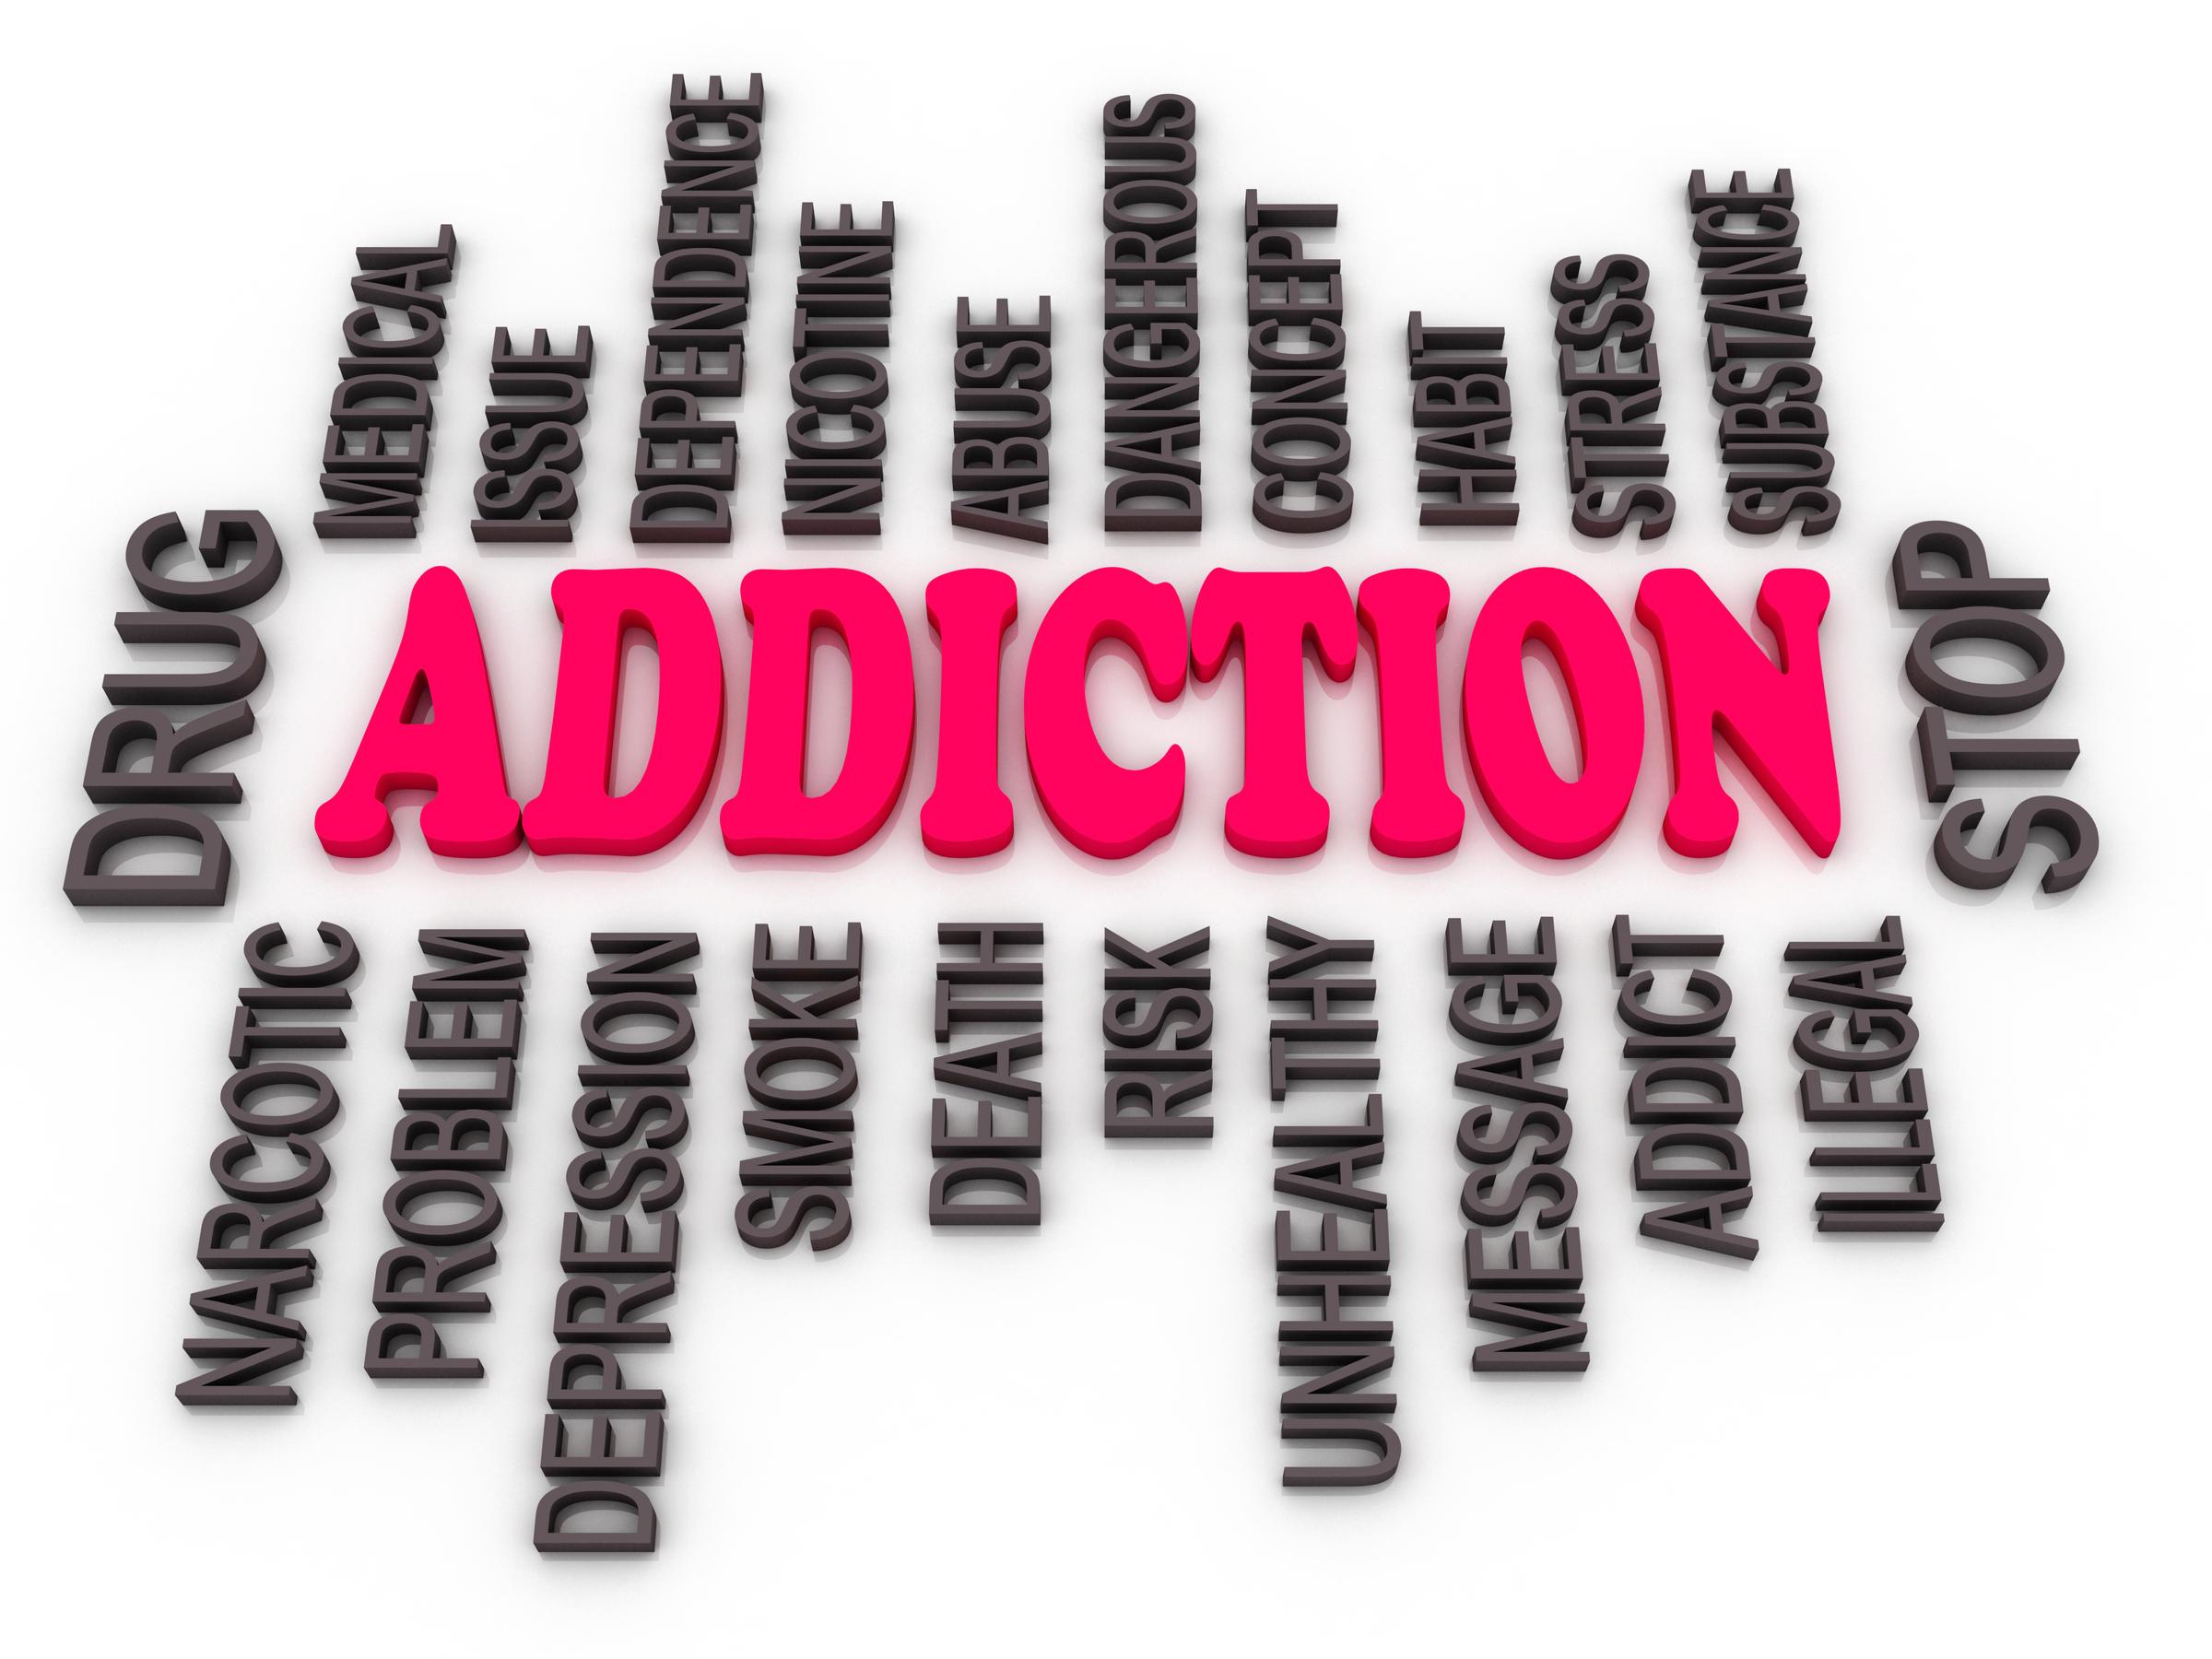 Drug Addiction Pay Per Call Services Drug Addiction Pay Per Raw Call Pay Per Call Campaign Addiction Rehab Pay Per Call Campaigns Drug Rehab Pay Per Call